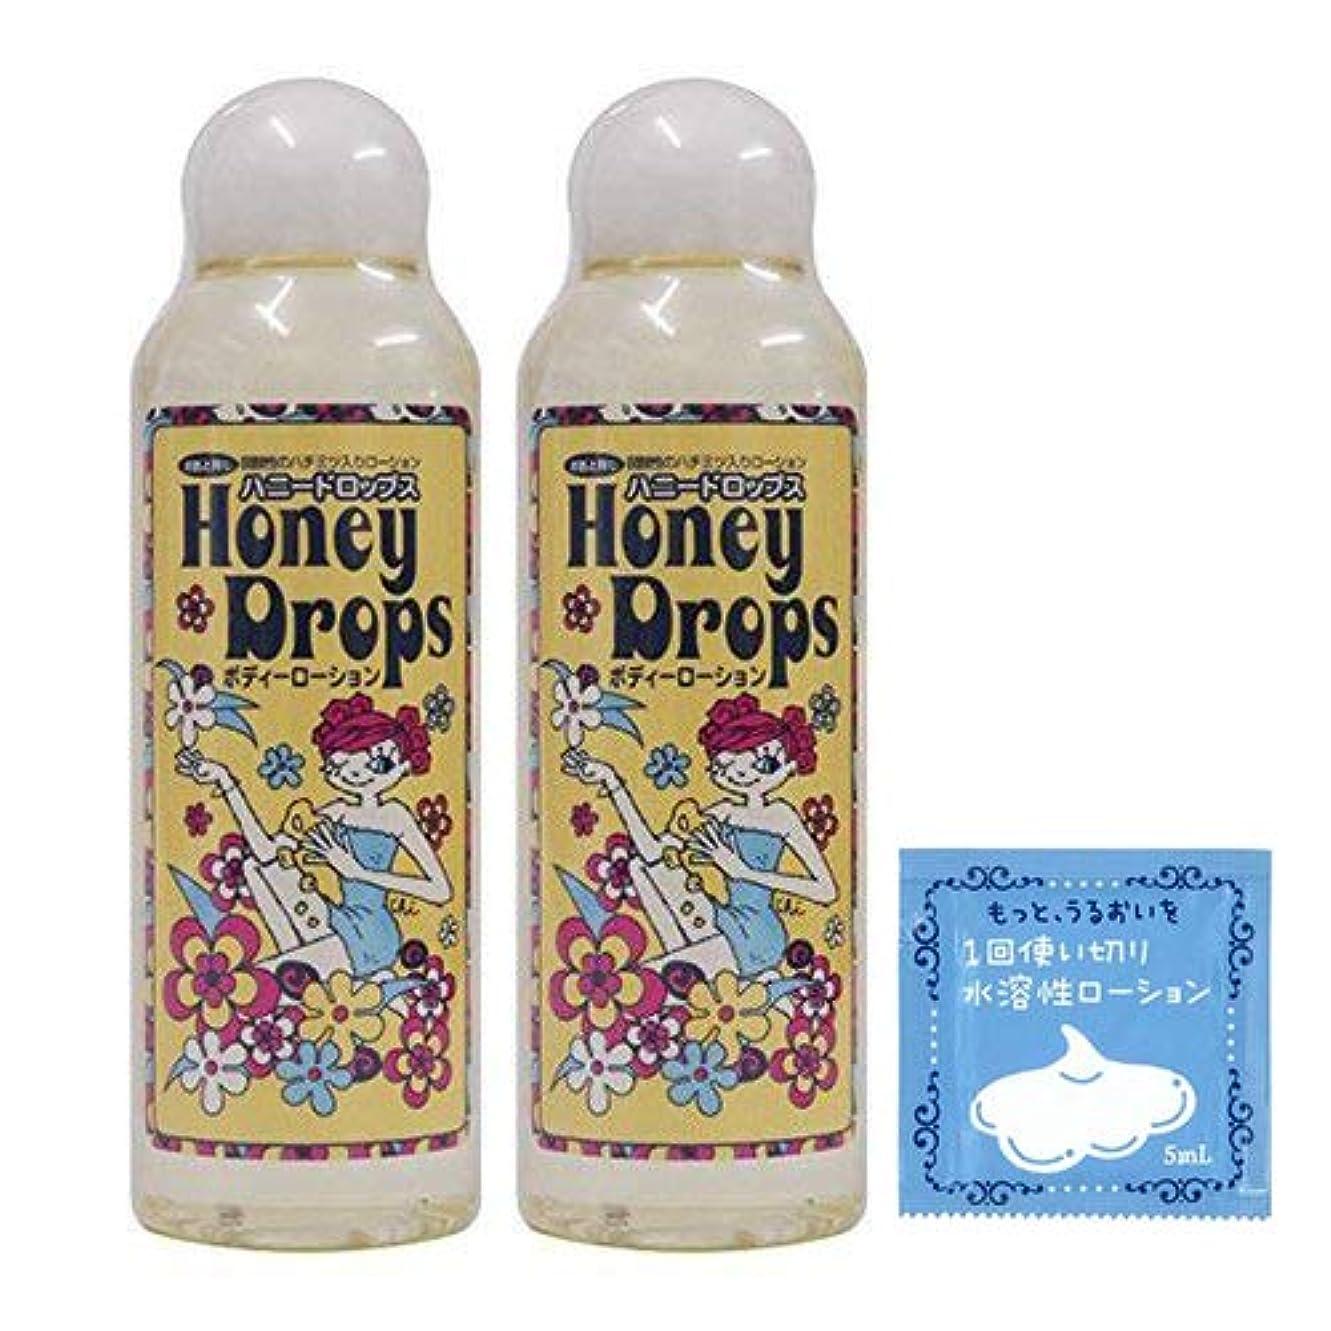 ピーク小麦粉理容室ハニードロップス150mL HoneyDrops150 ×2本 + 1回使い切り水溶性潤滑ローション